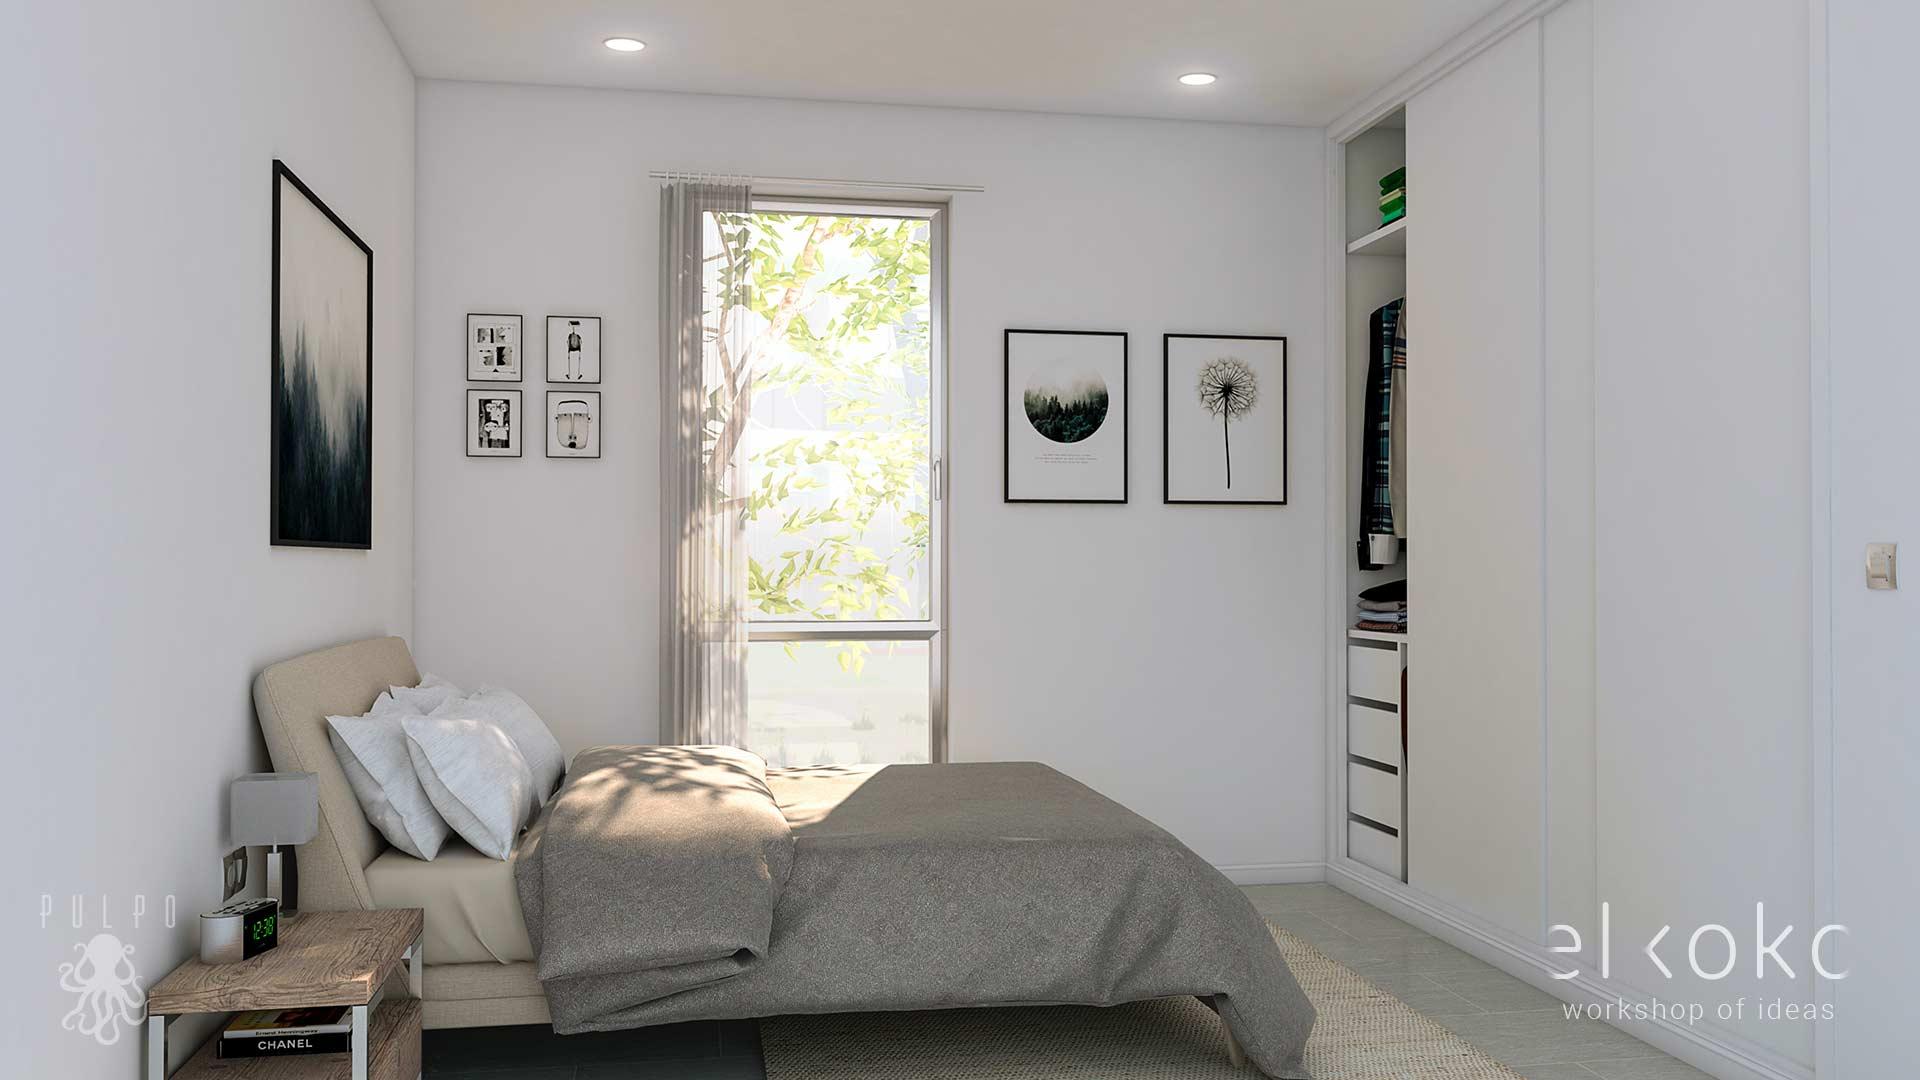 Infografias Arquitectónicas e Interiores 3D de alto realismo.